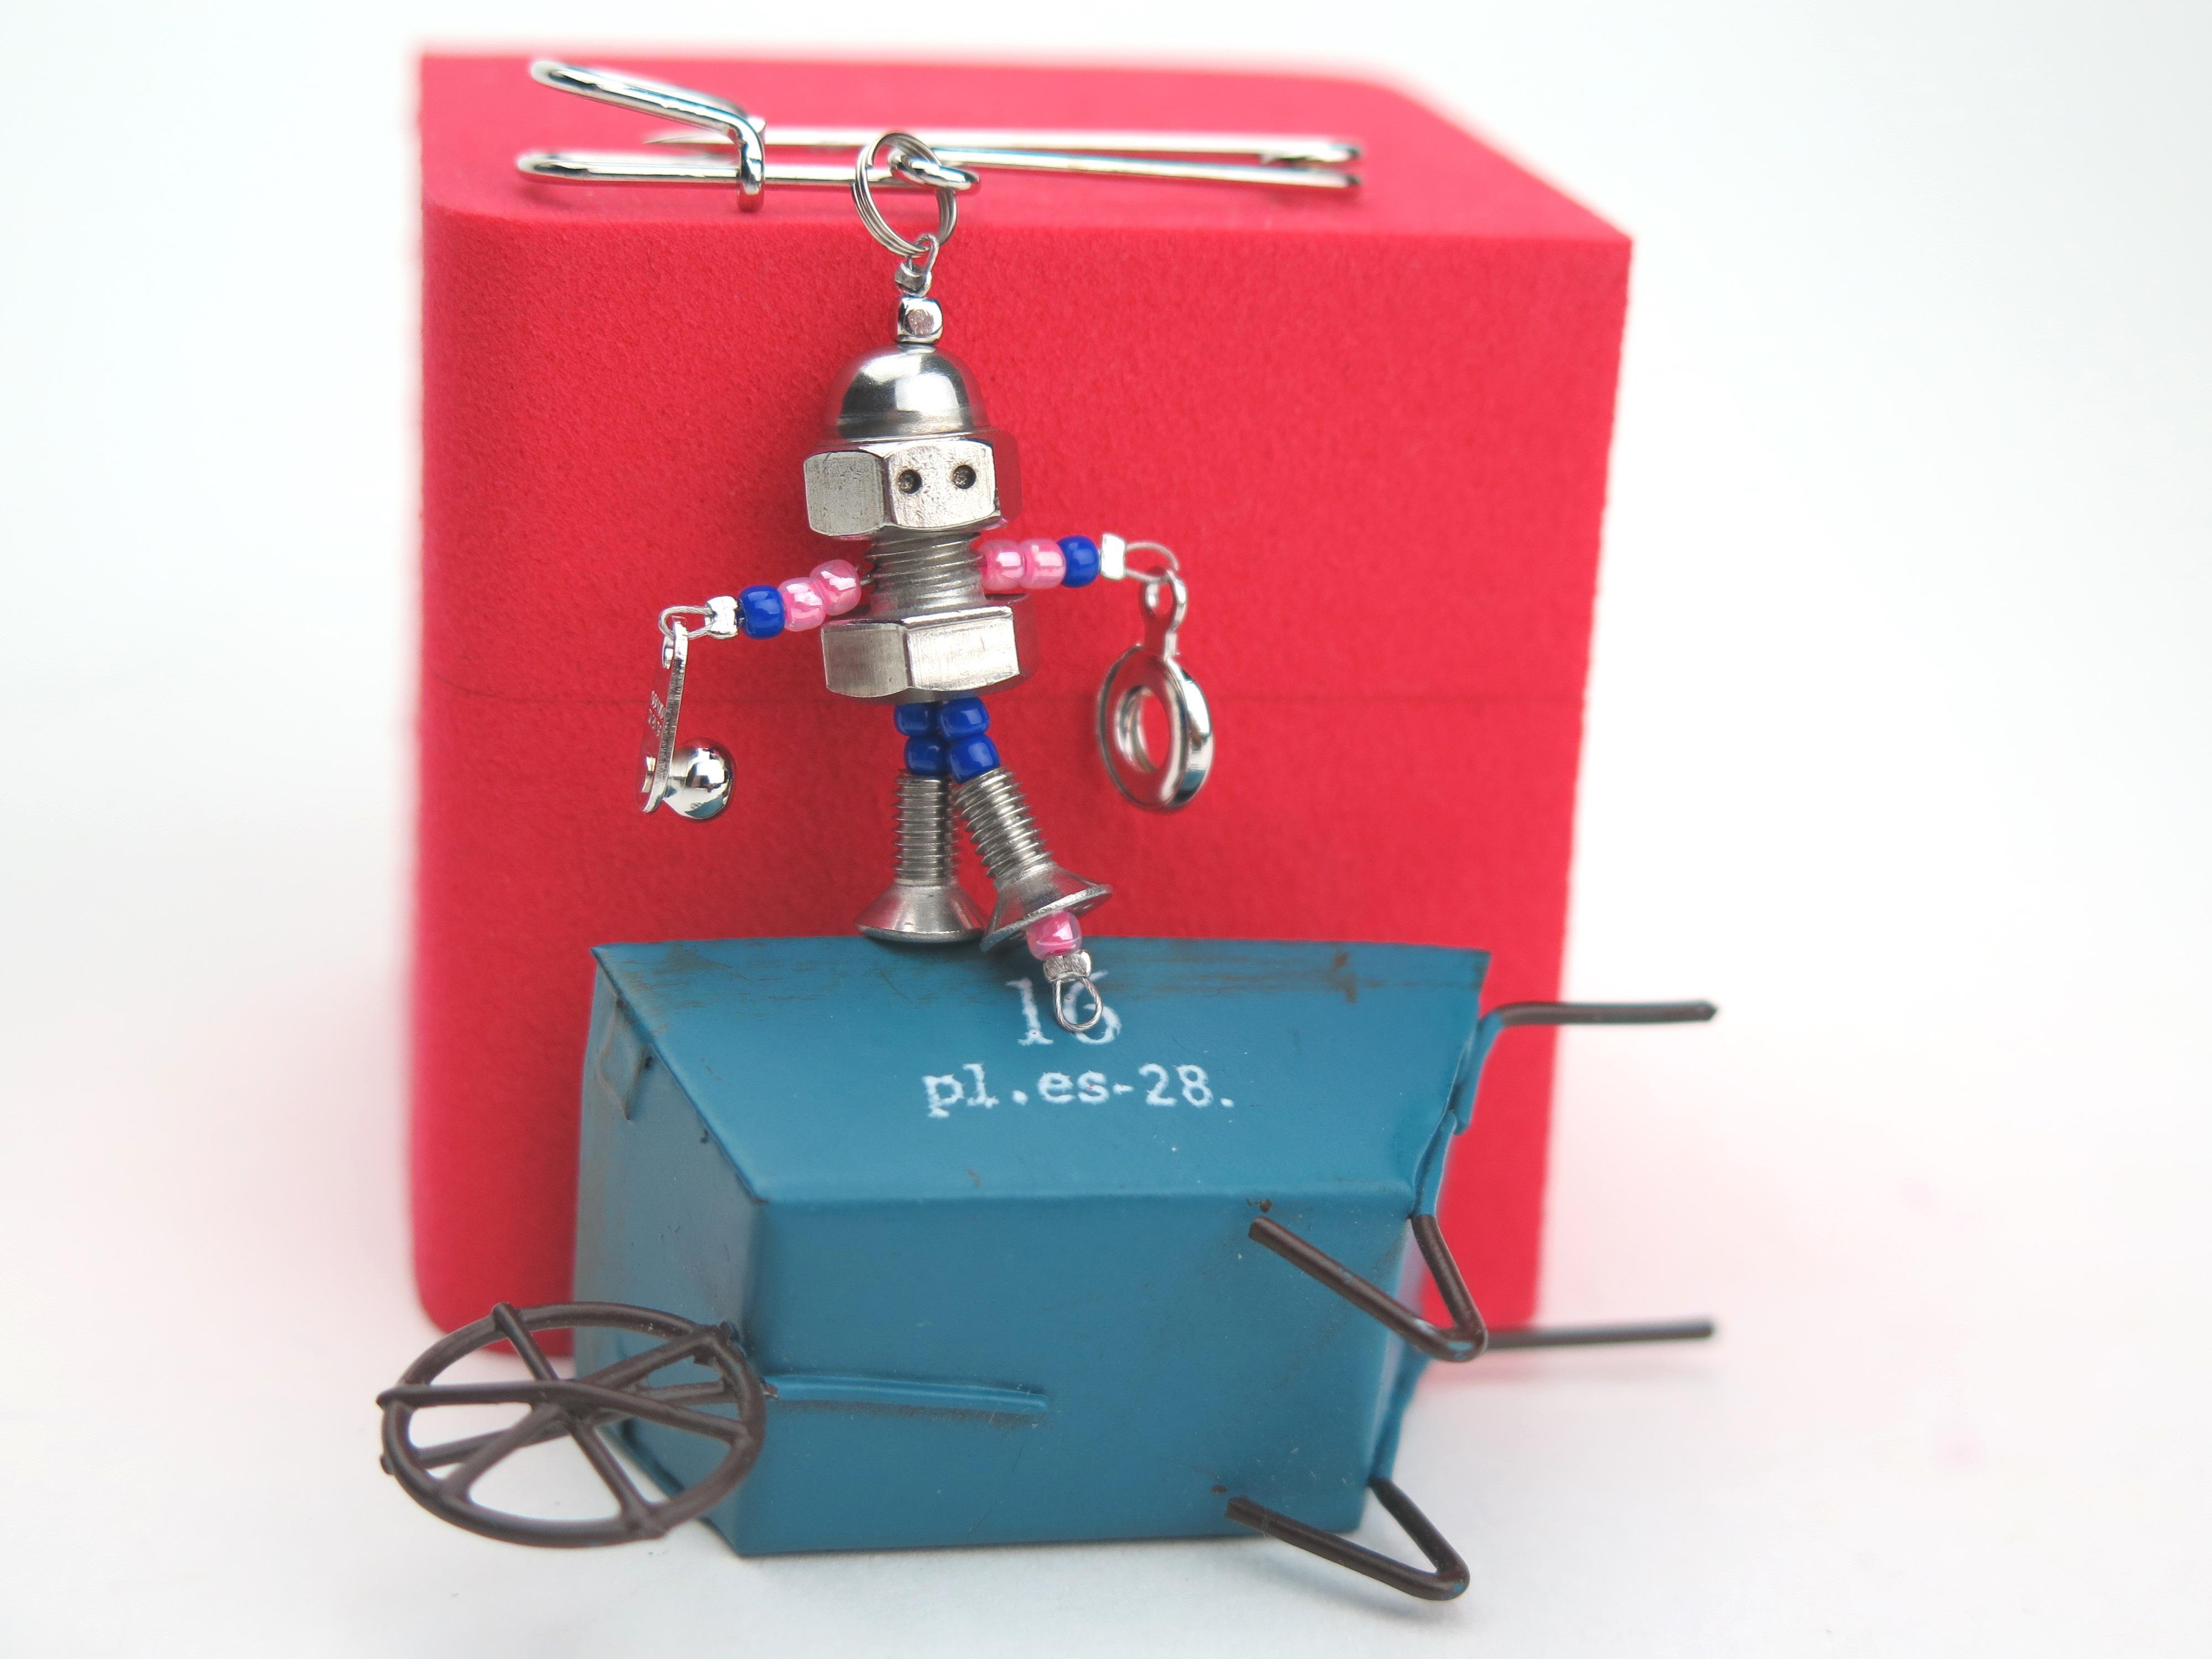 esstro robot pink blue ピンクブルー